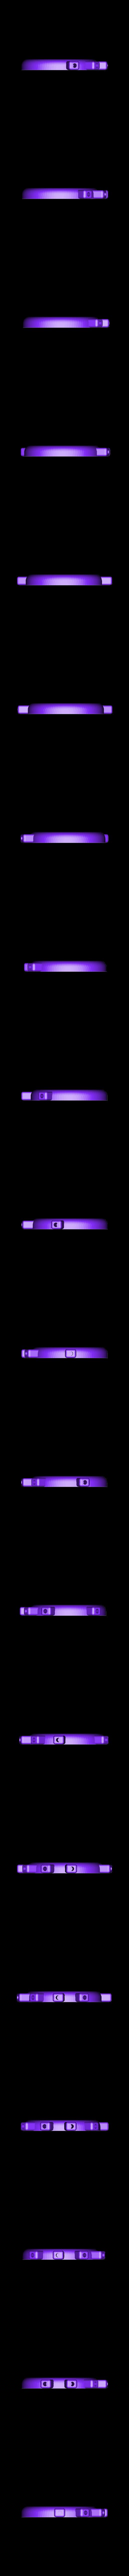 palm_gem_stone_case.stl Télécharger fichier STL gratuit Kara Kesh (arme de poing goa'uld) • Plan pour imprimante 3D, poblocki1982